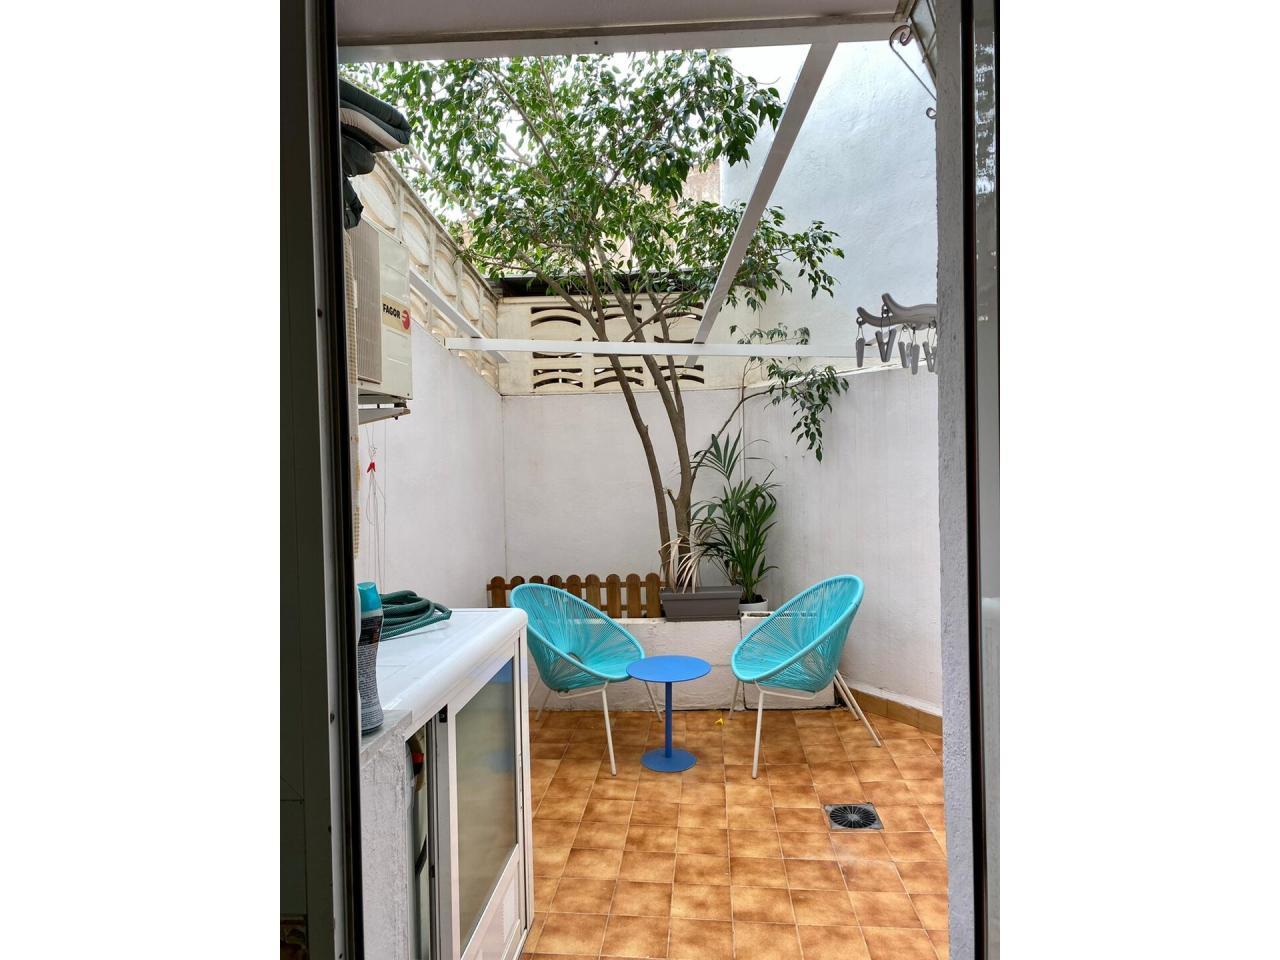 Apartment for rent in Moncada – Ref. 001165